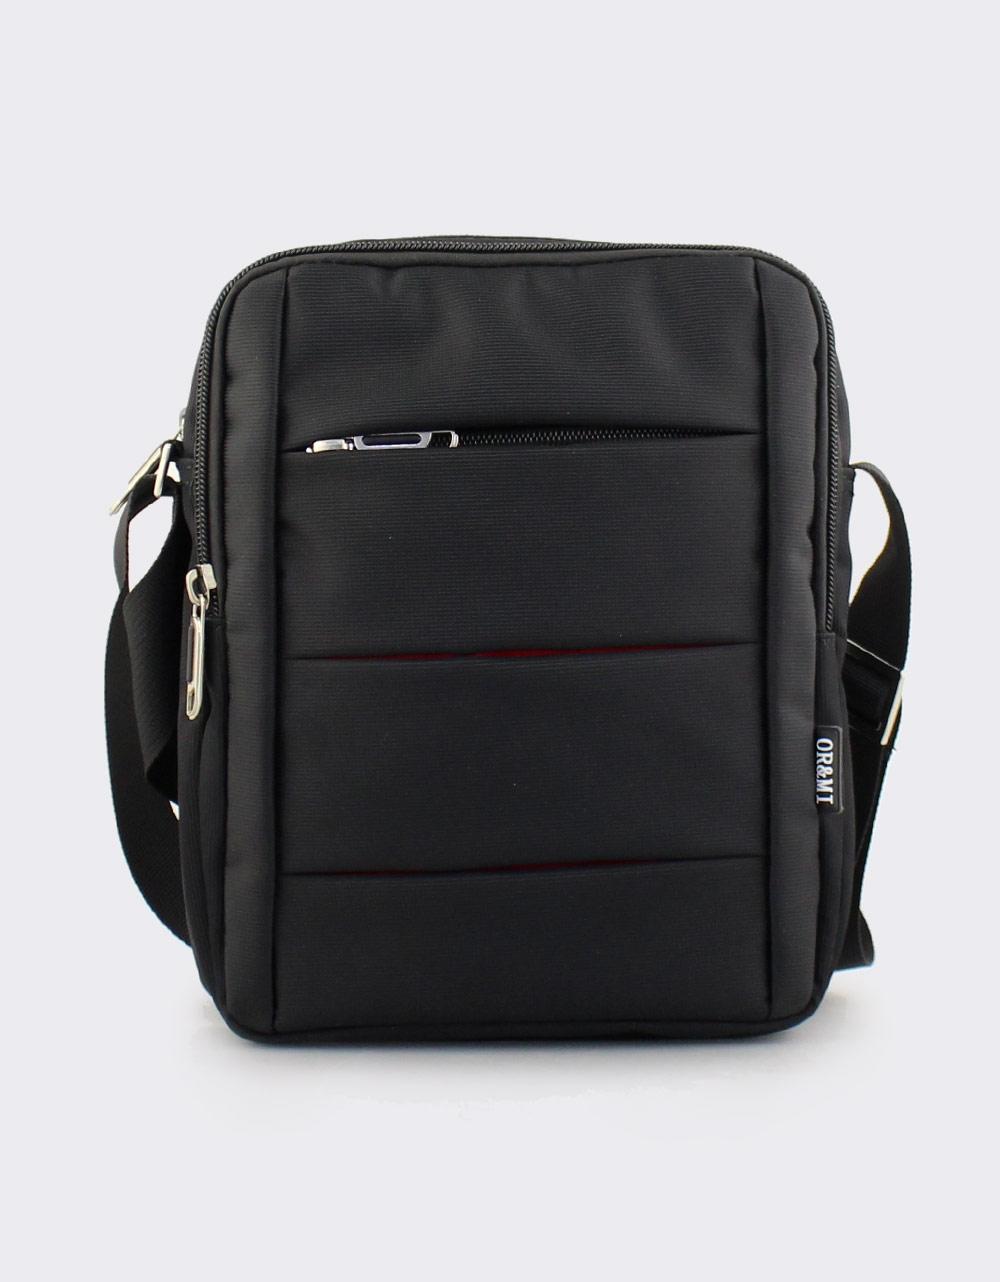 Εικόνα από Ανδρικές τσάντες ώμου μονόχρωμες Μαύρο